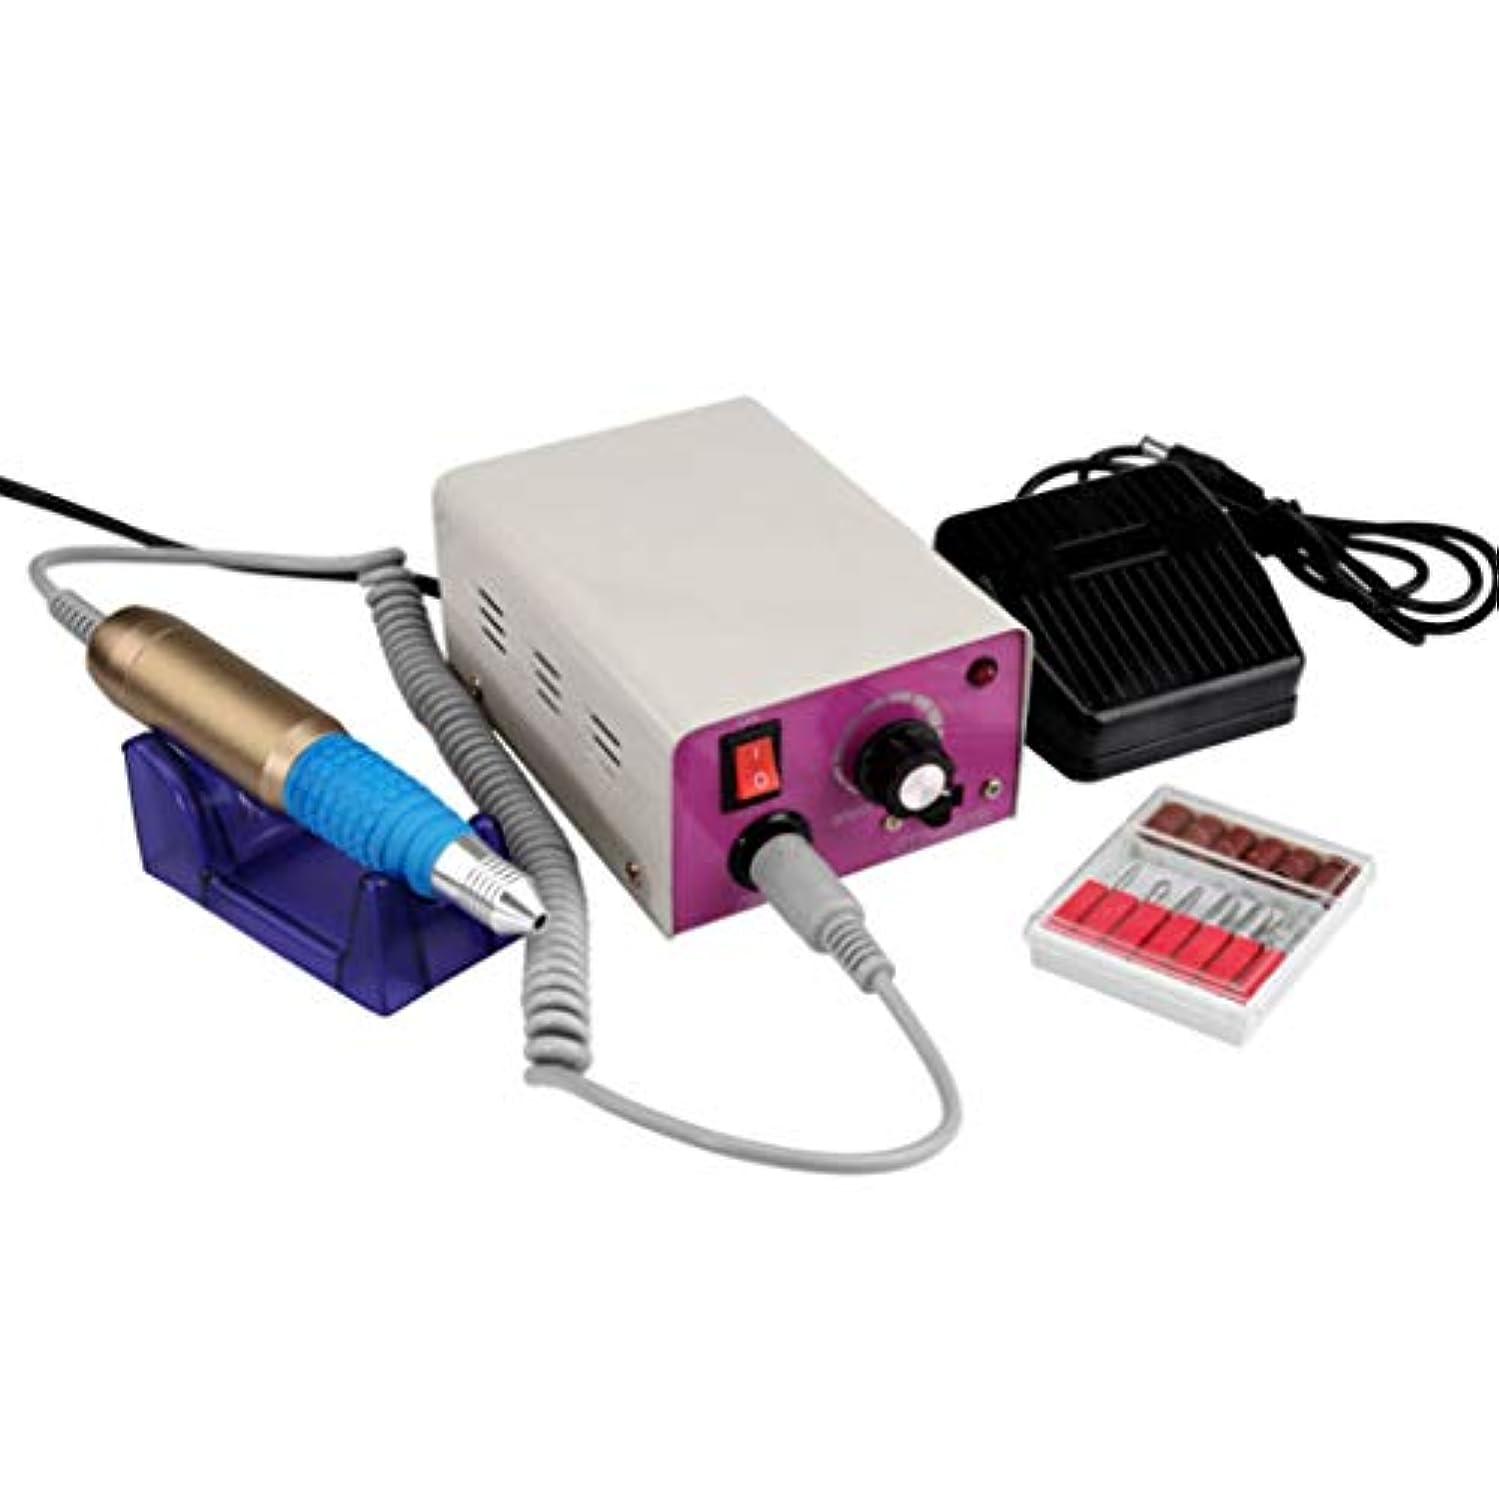 ウッズ気味の悪いコンテストネイルマシン 卓上式 電動 プロ セルフ 正逆回転 ジェルネイルオフ ネイルケア道具 ネイルドリル ネイルマシーン 爪手入れツール 2.5万回転/分